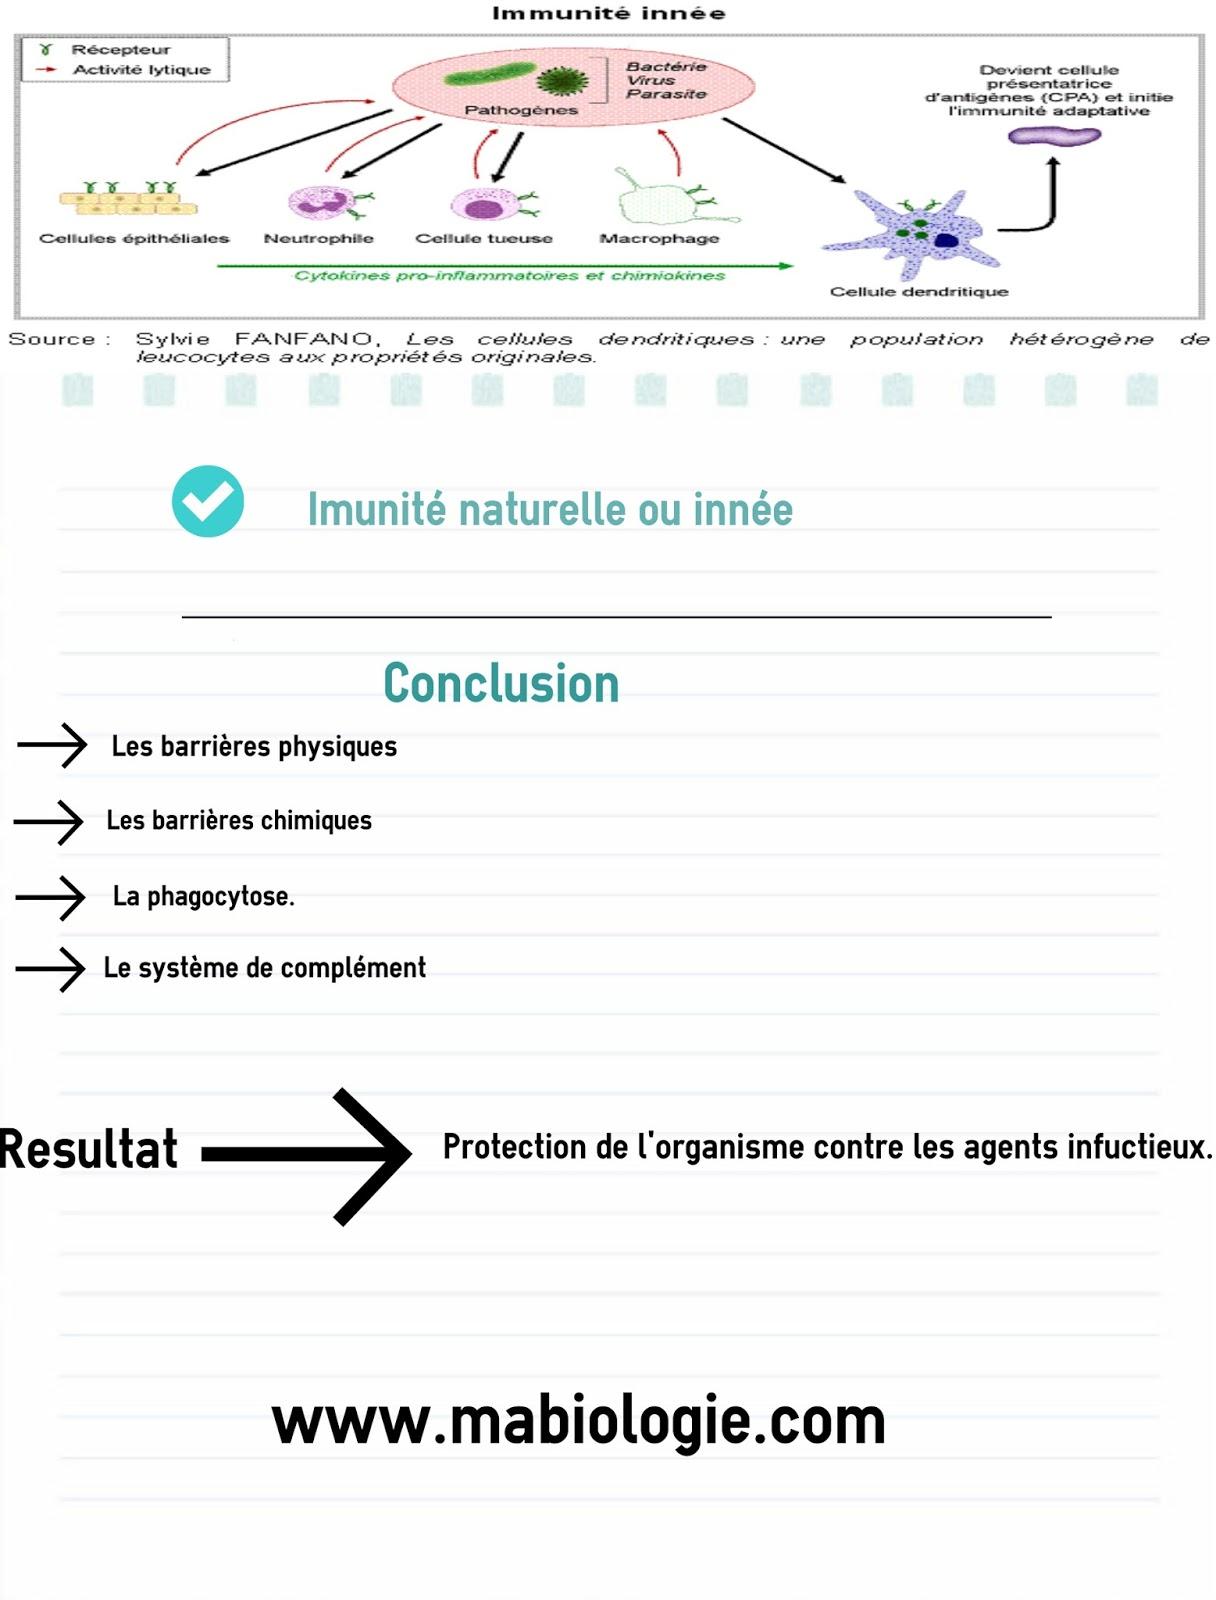 La réponse immunitaire naturelle ou innée